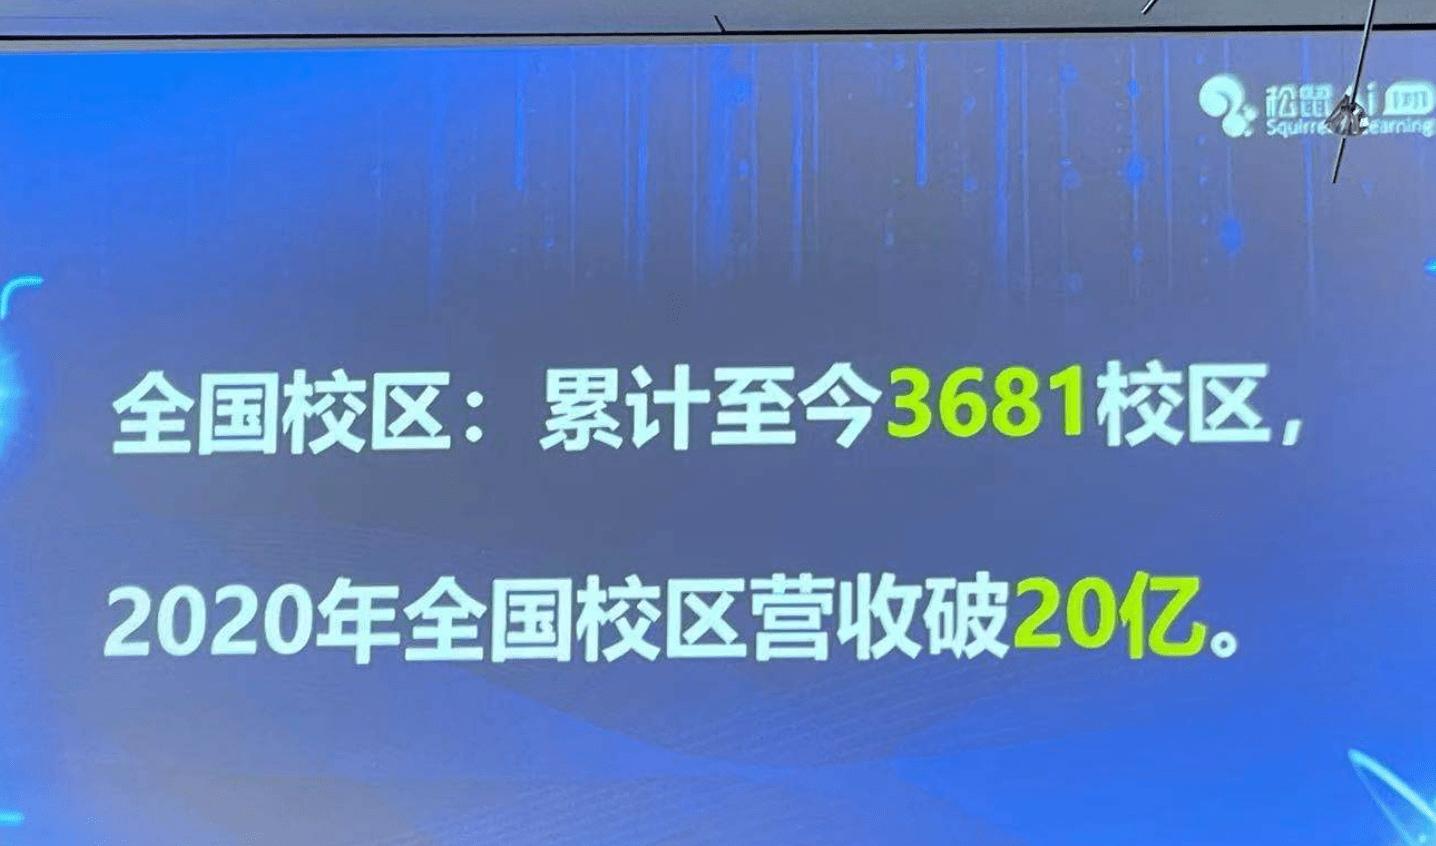 周伟:松鼠Ai全国校区累计达3681所,2020年全国校区营收破20亿元